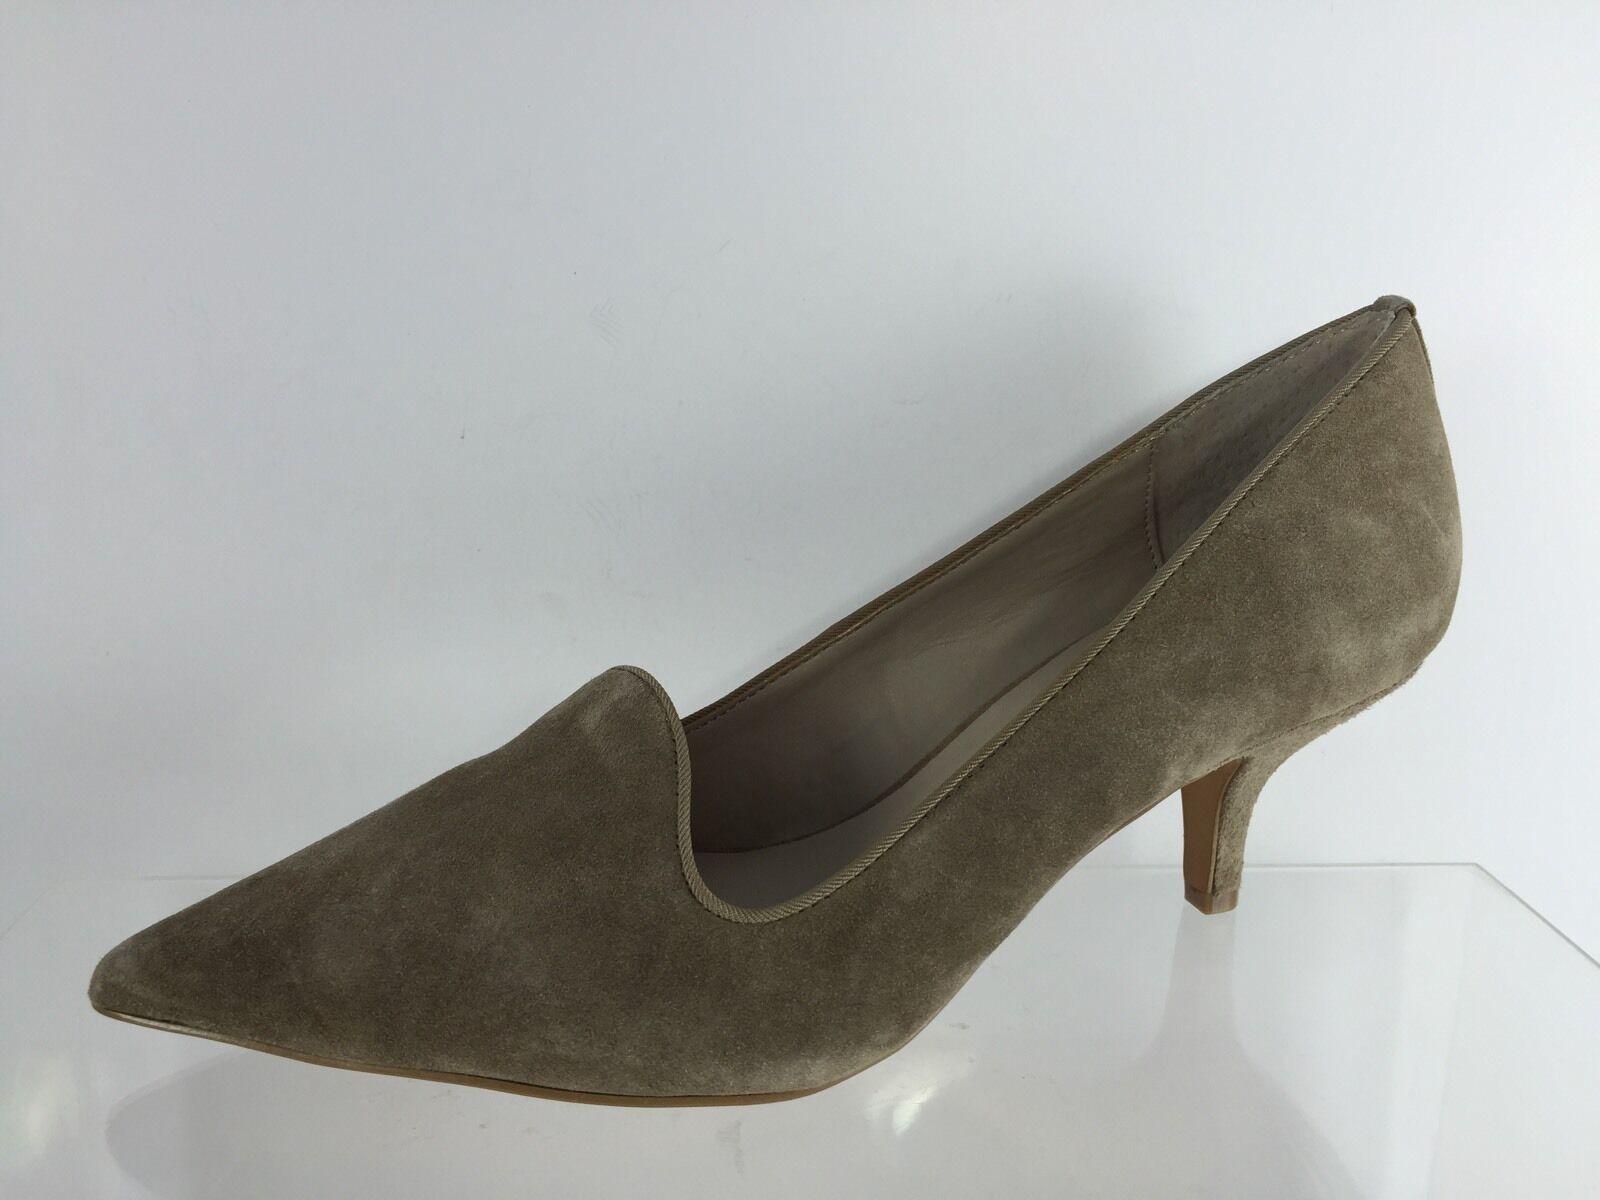 Steven By Steve Madden Womens Stone Beige Leather Heels 8 M